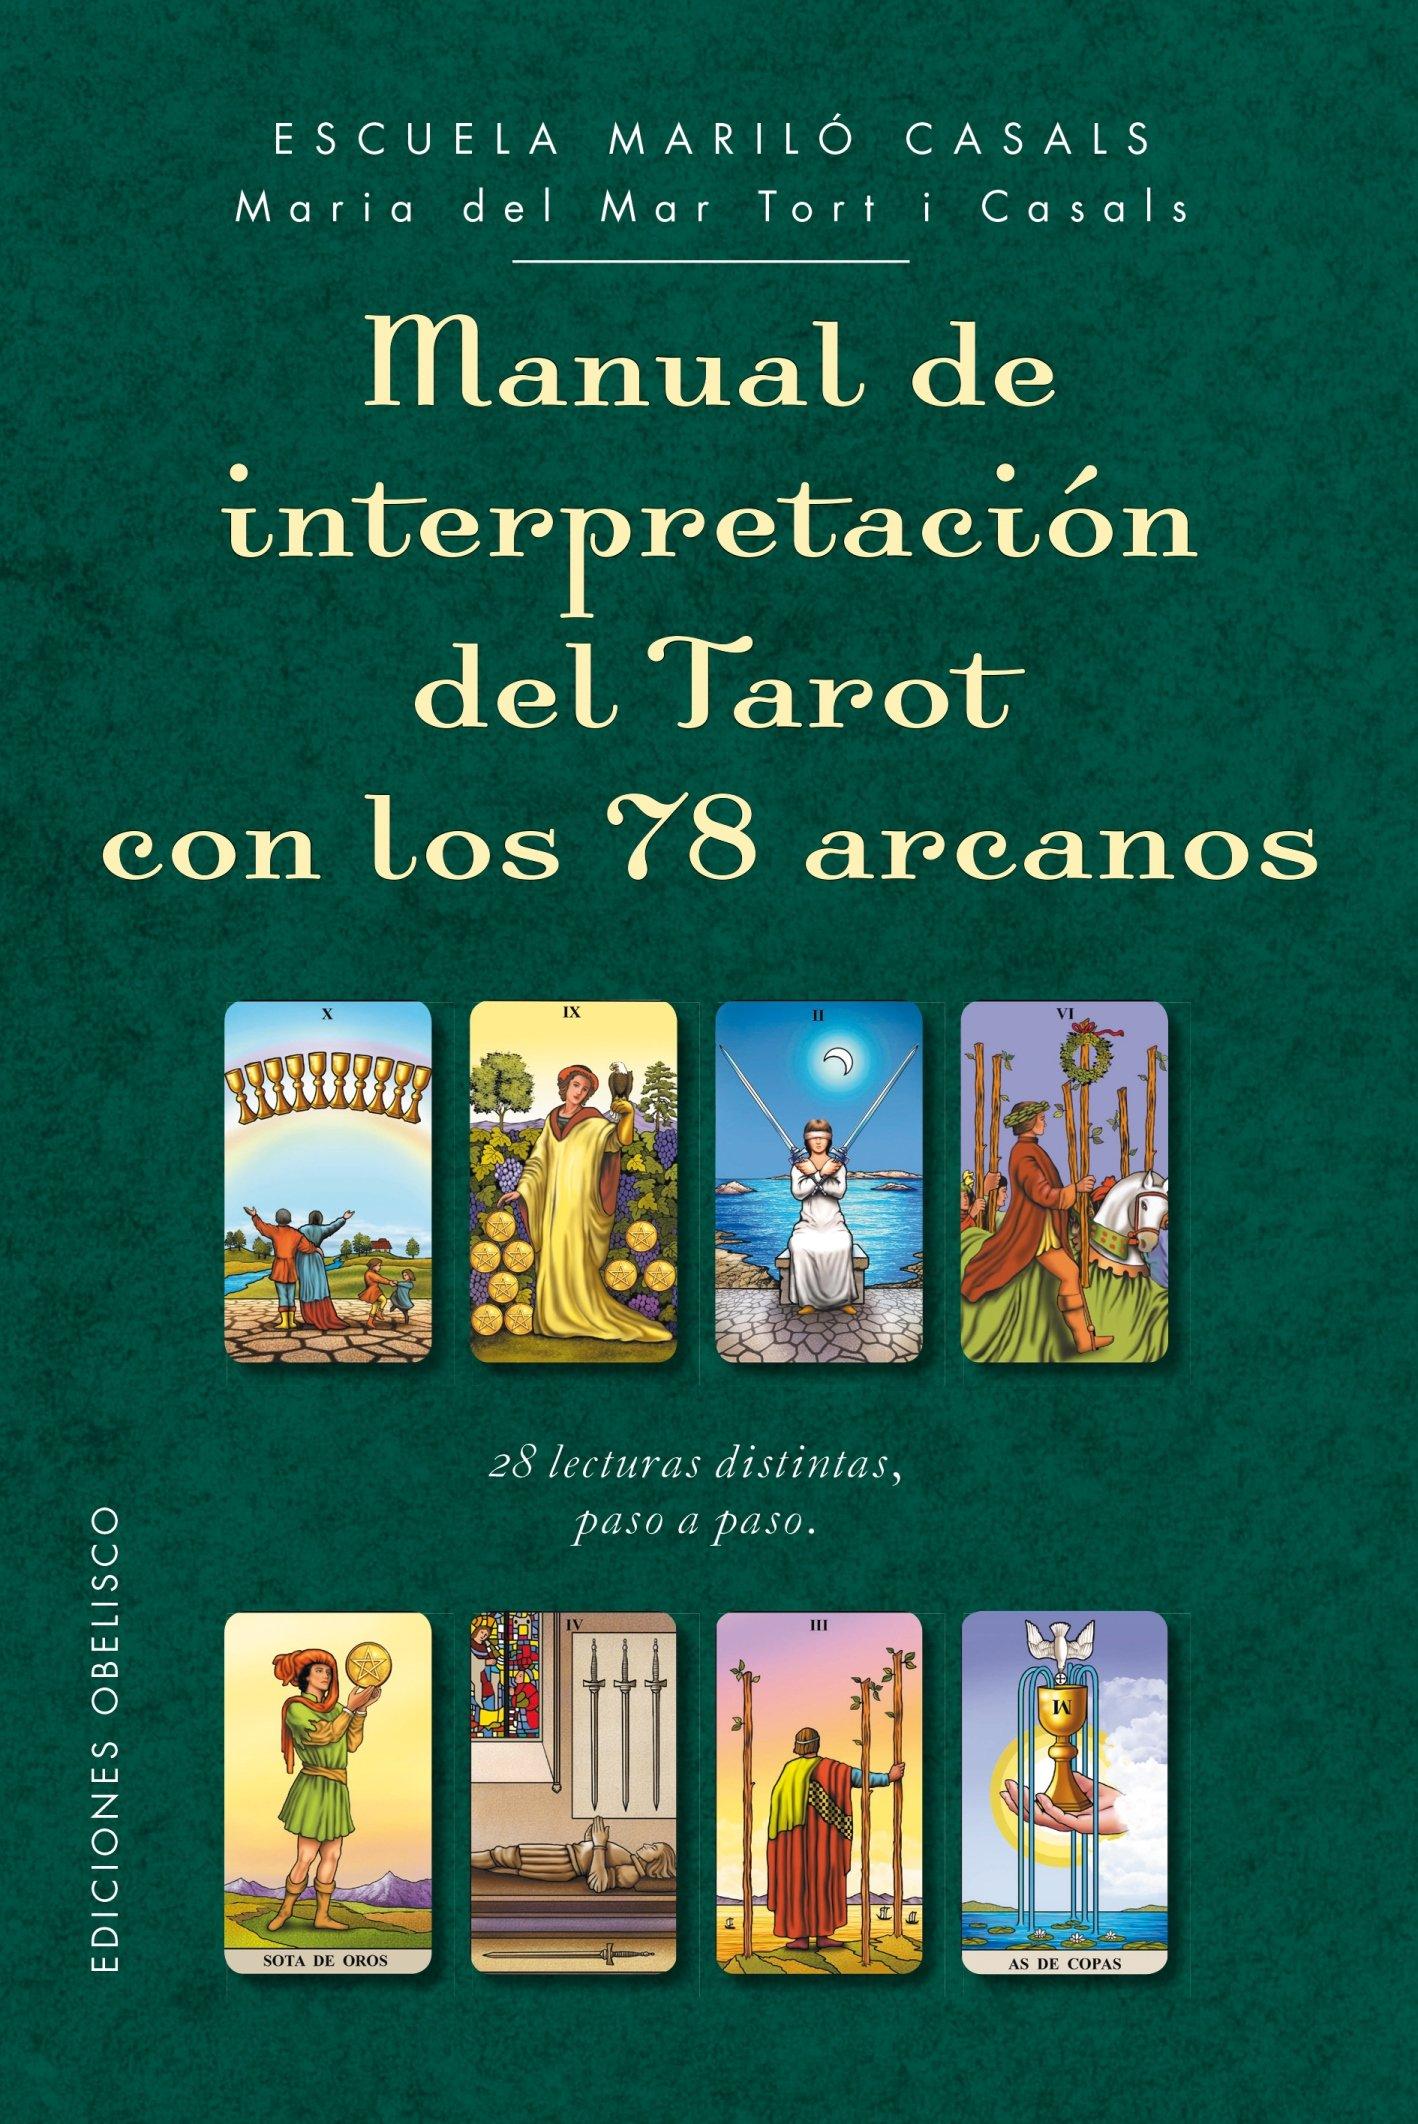 Reseña de los Manuales de interpretación del Tarot de María del Mar Tort